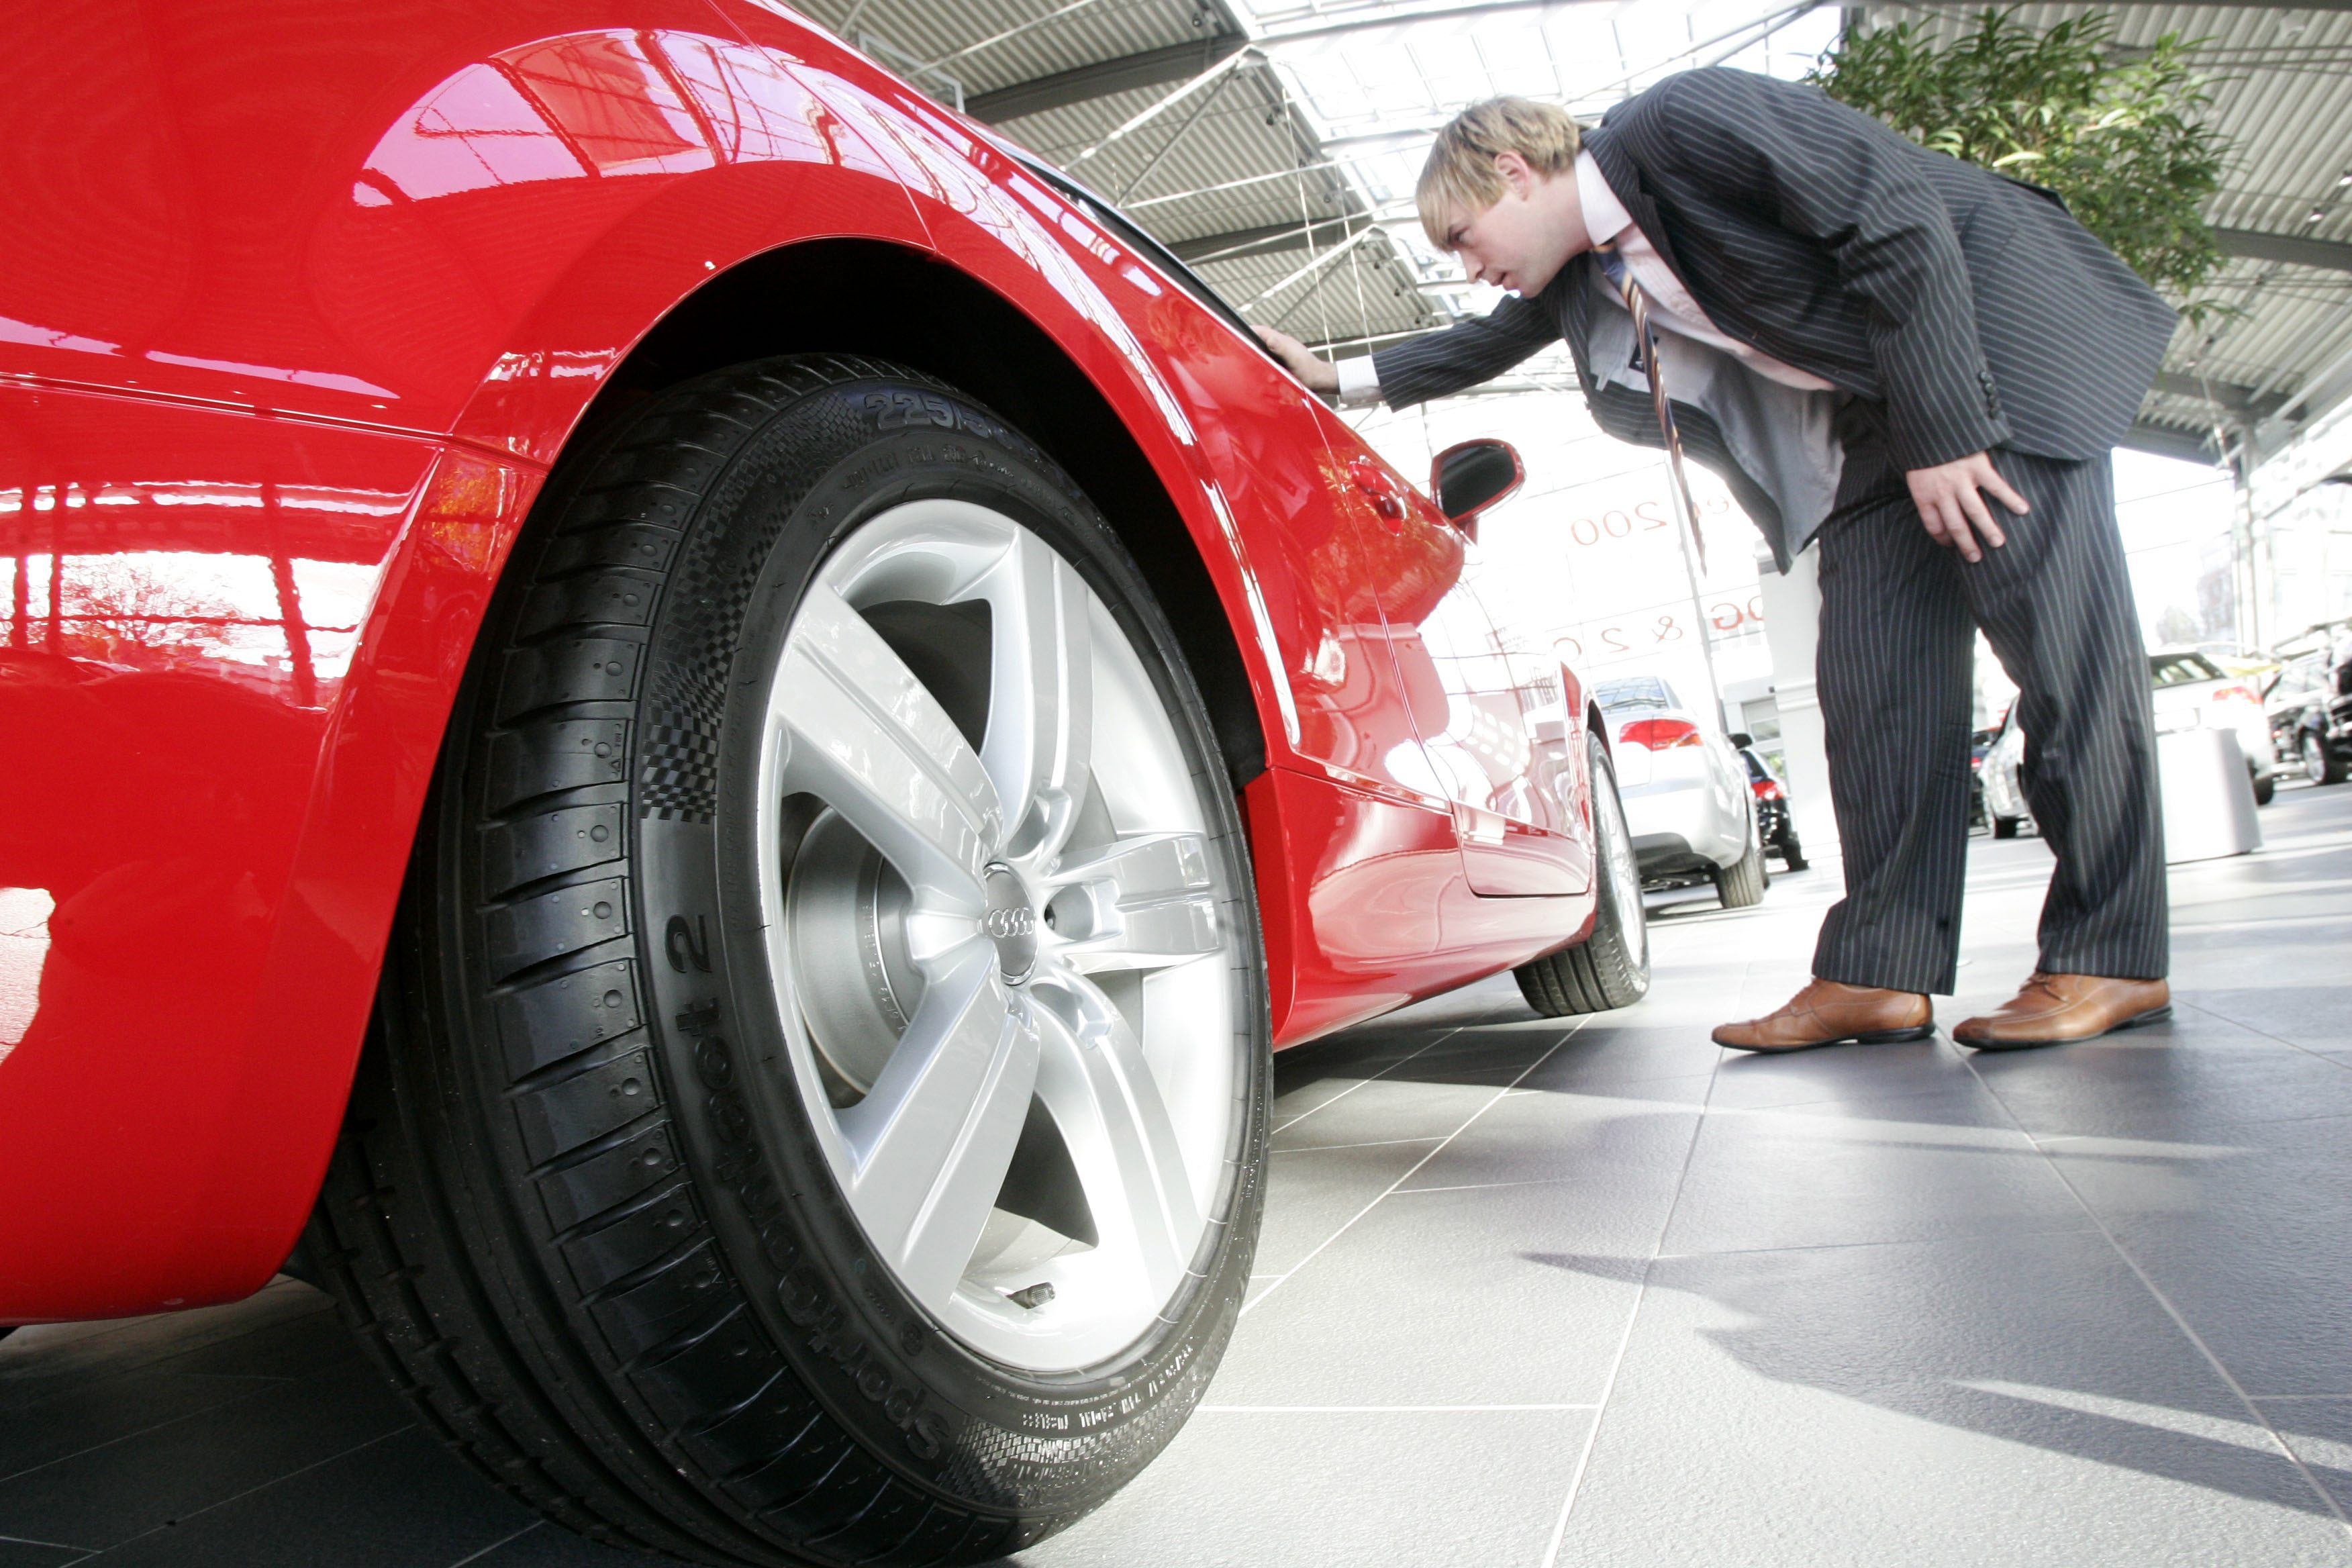 Autoleasing Verteuert Den Autokauf Barzahlung Ist Am Besten Foto Keystone